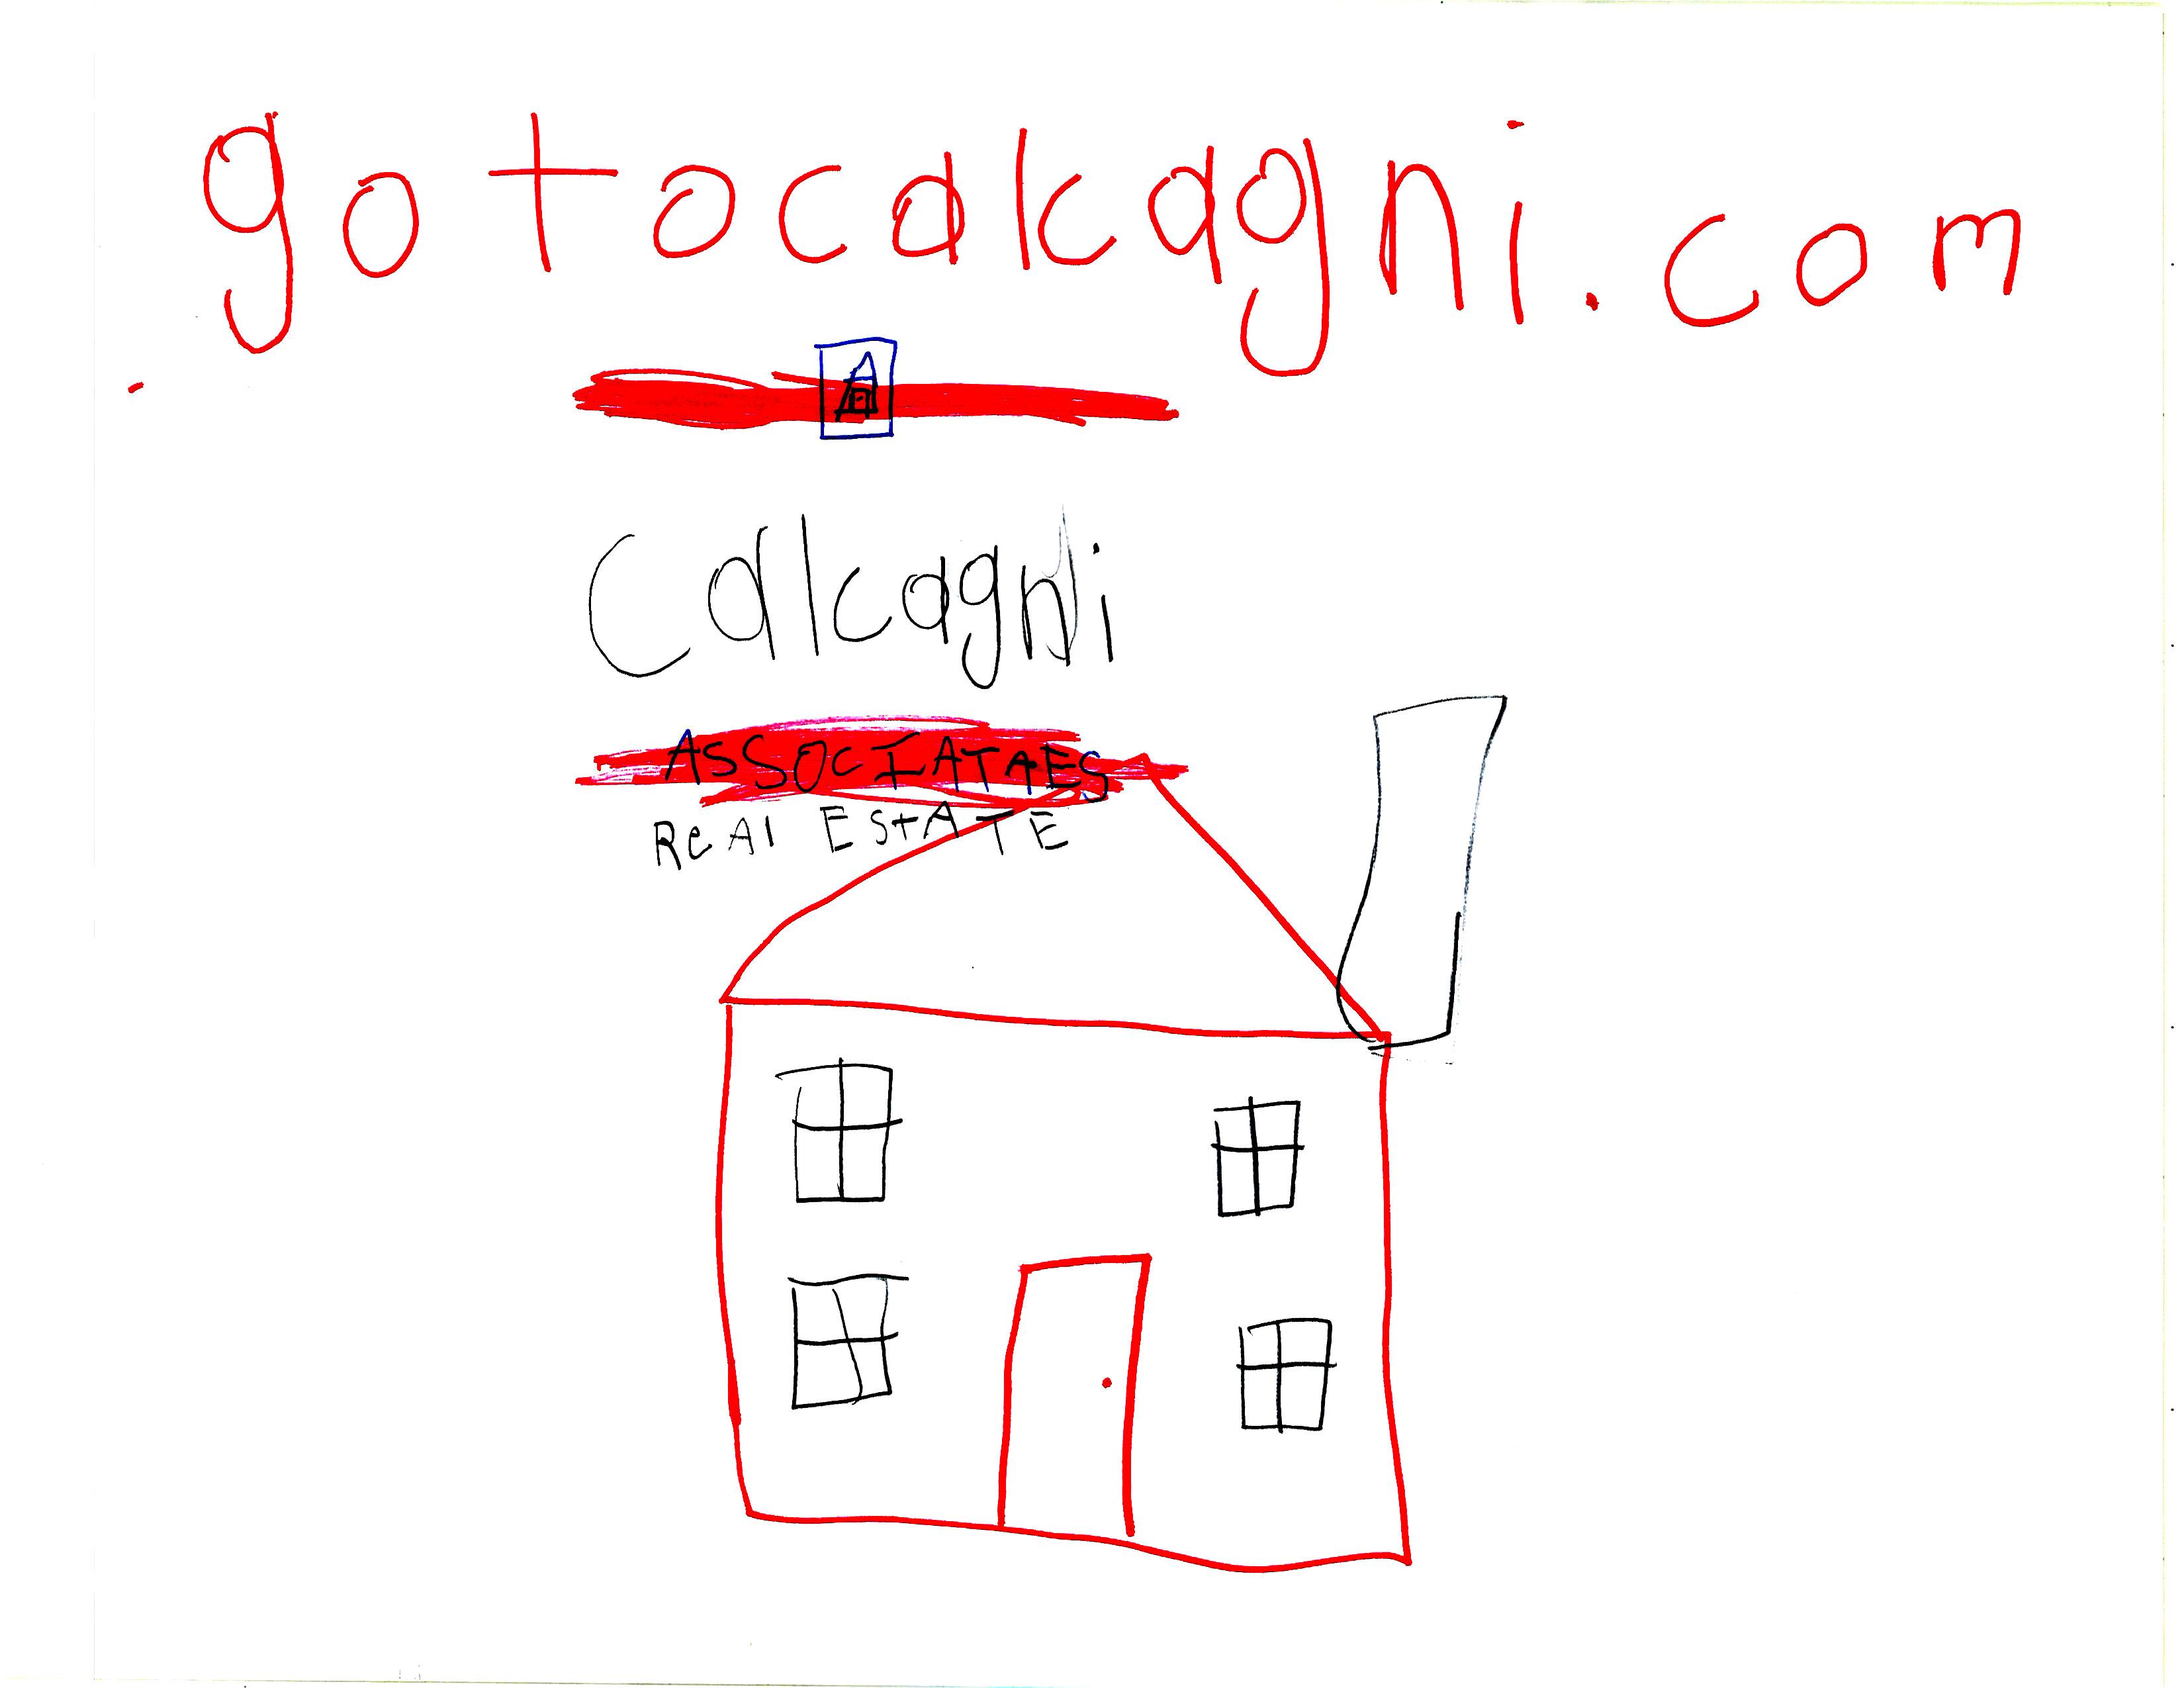 go to calcagni